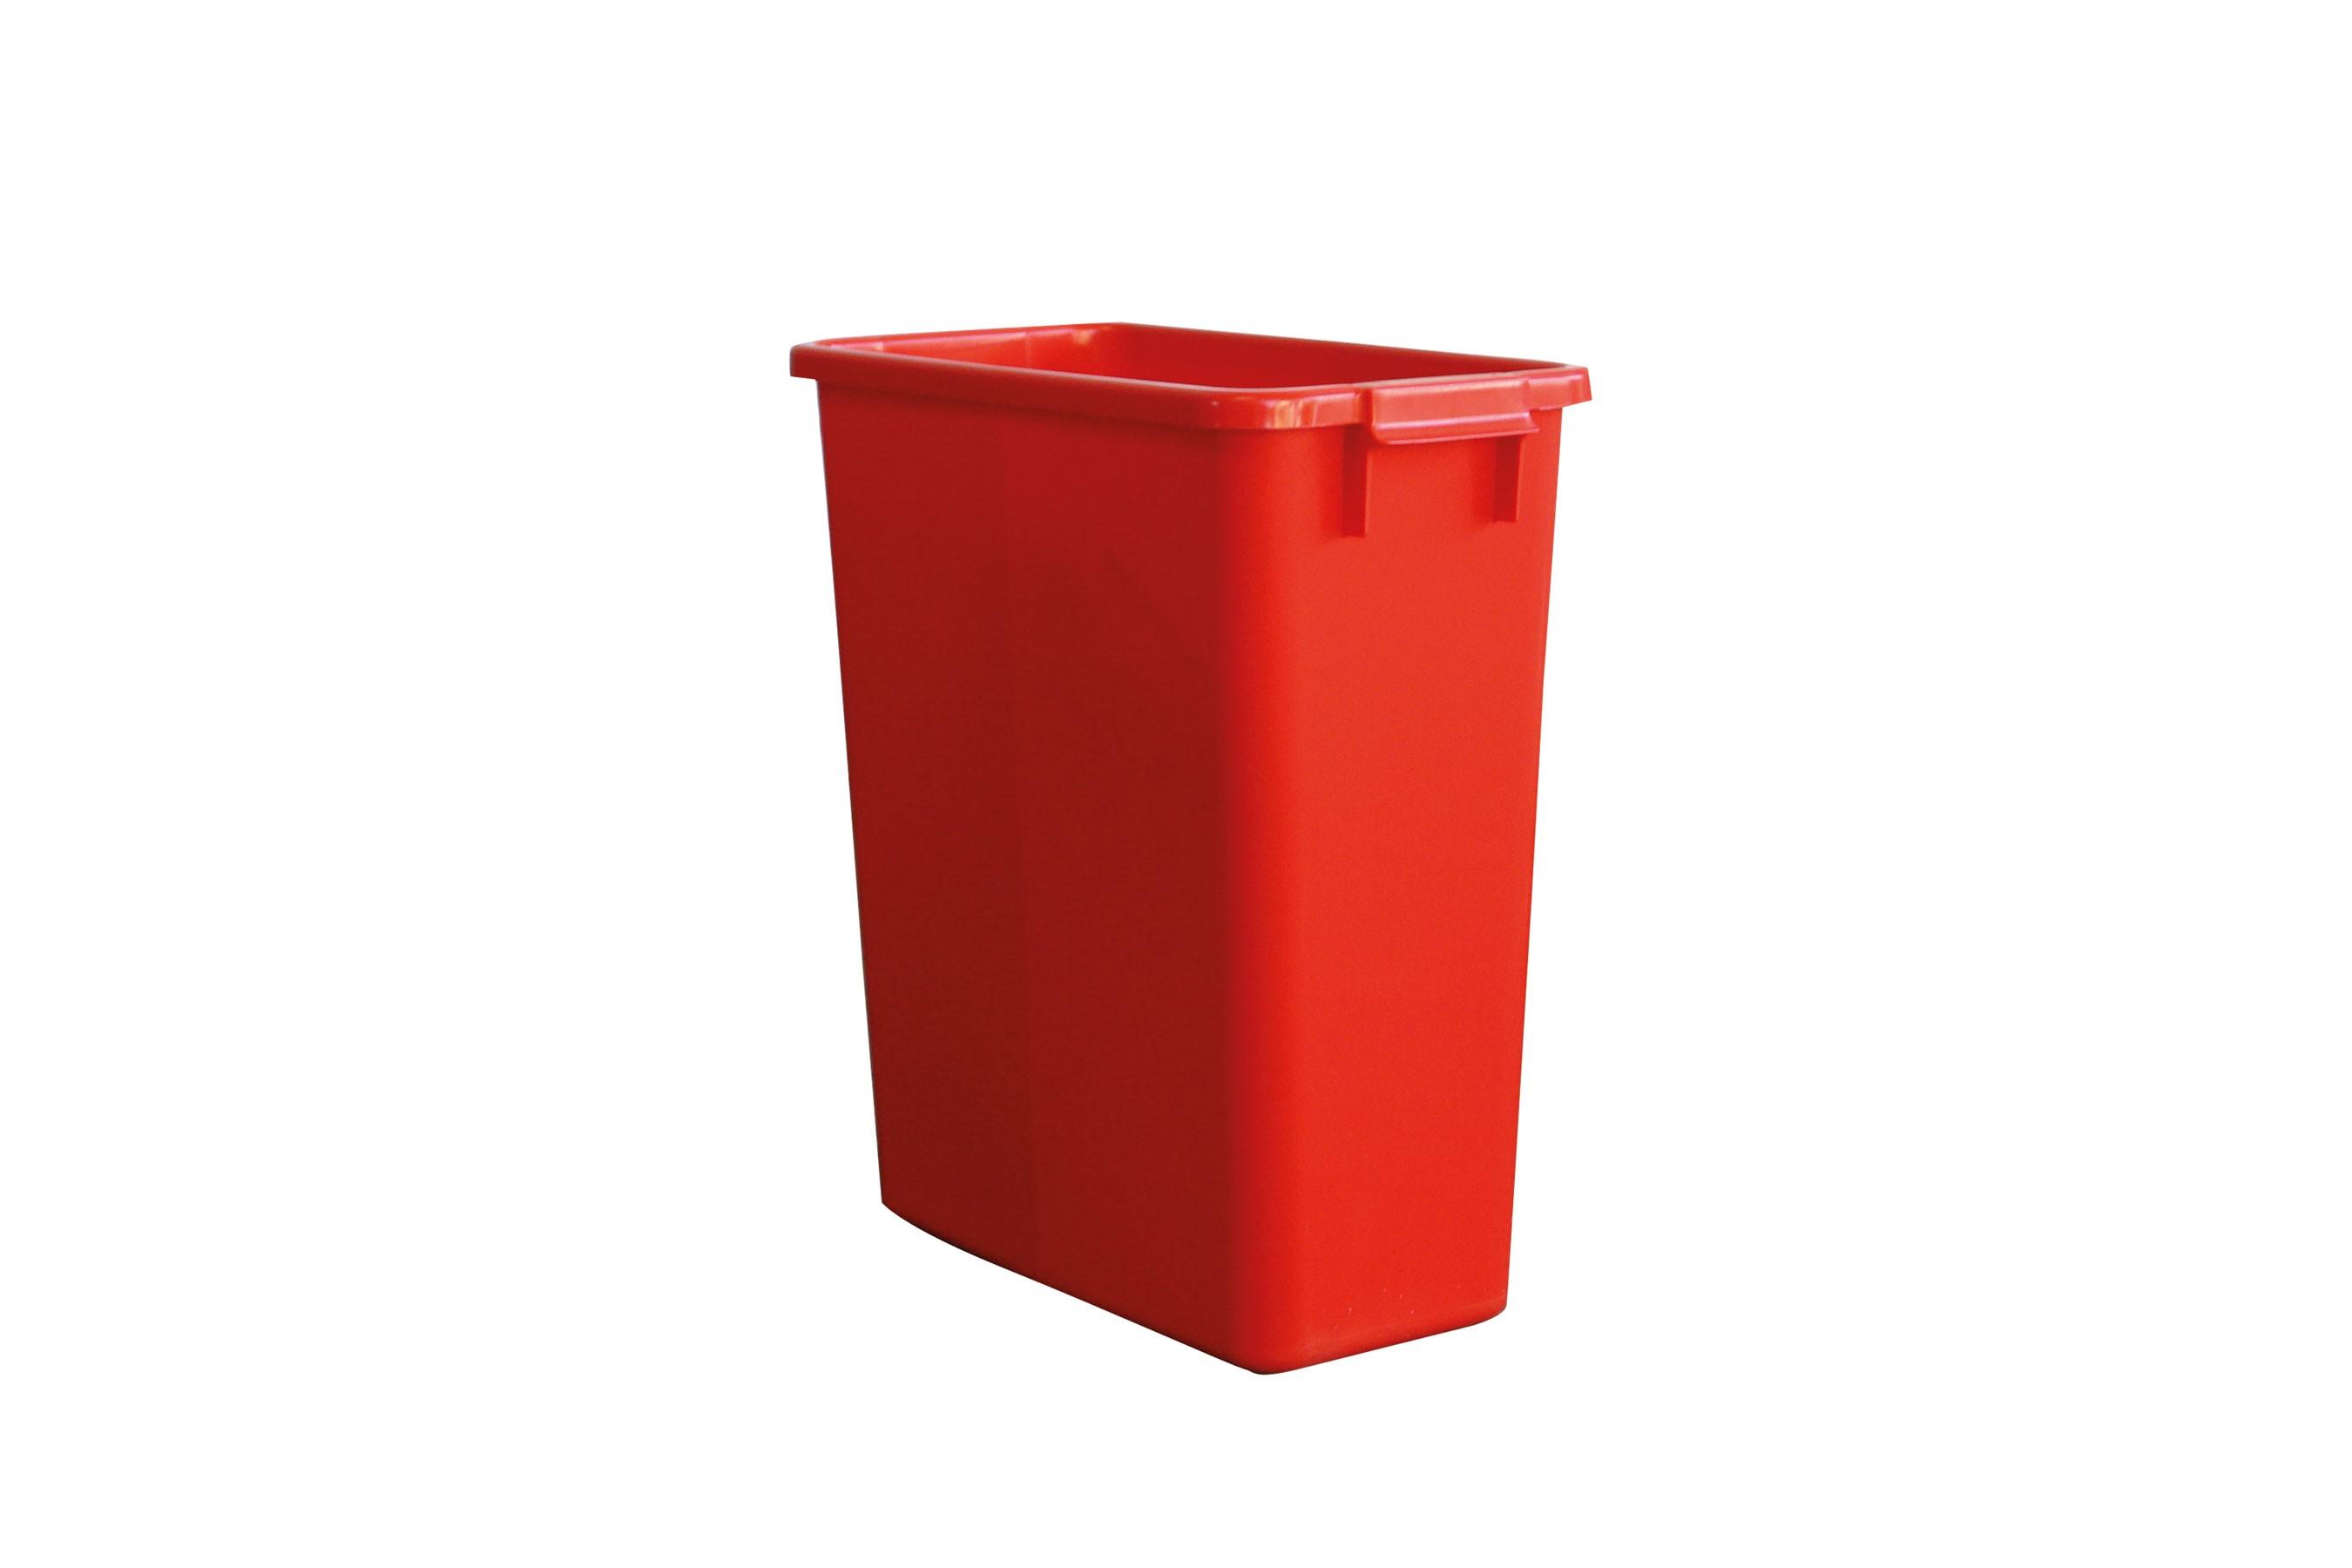 Mehrzweck-Behälter 60 Liter eckig rot Graf 778014 Bild 1